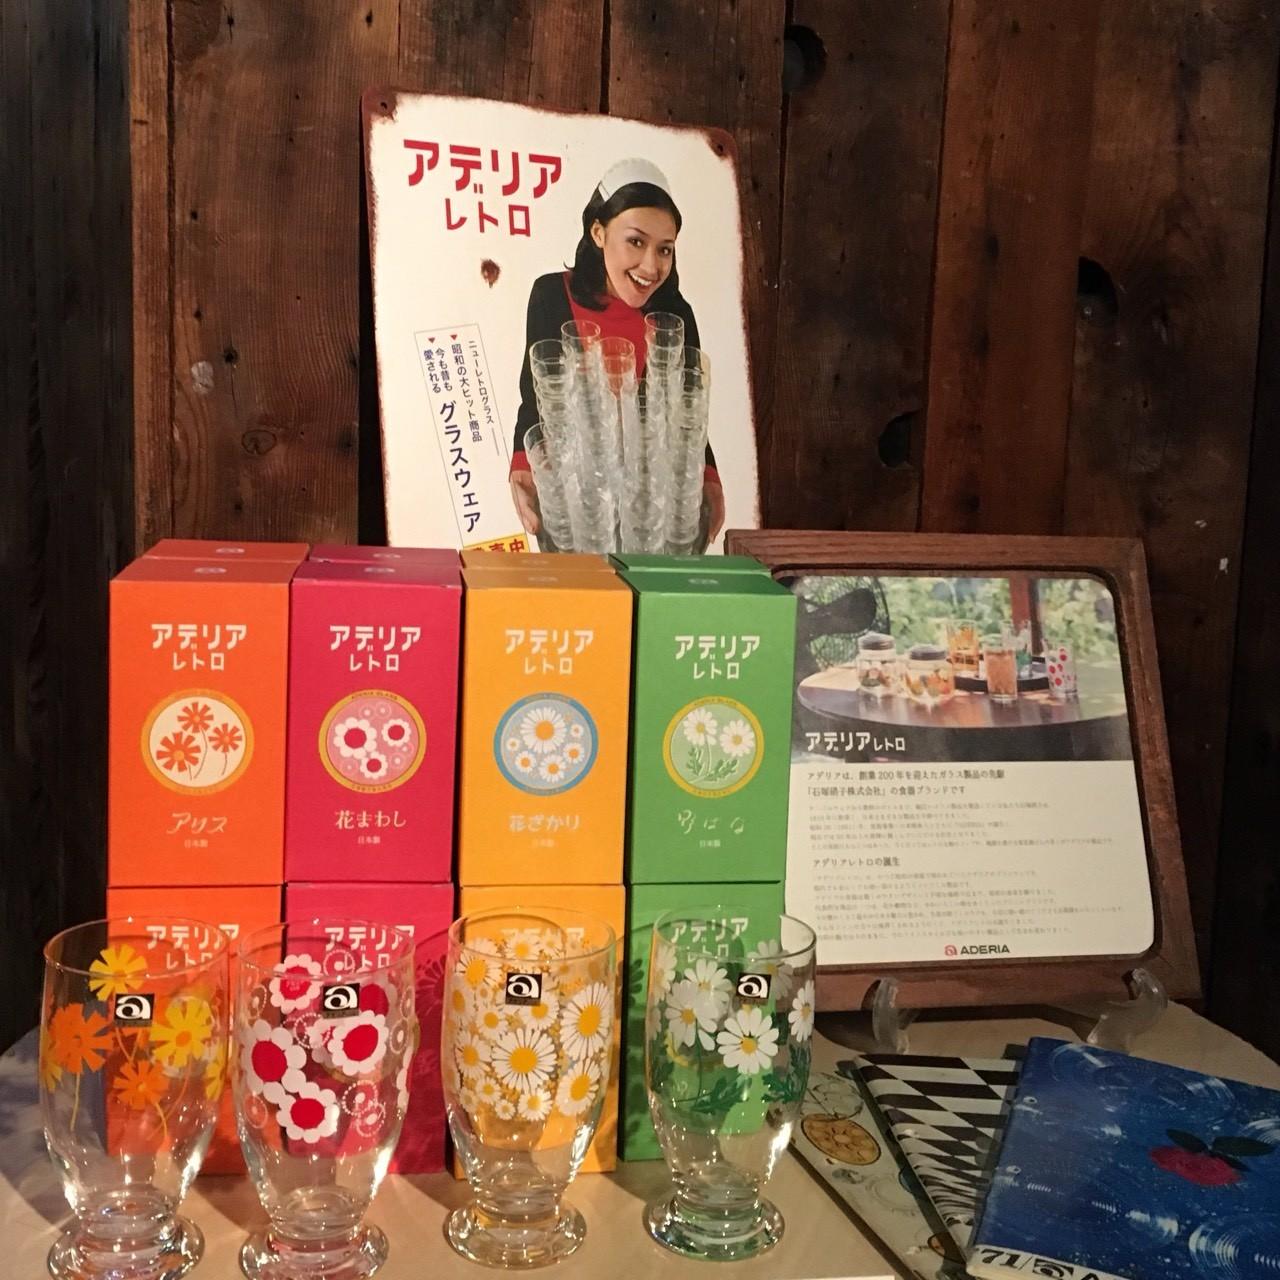 「第二回純喫茶マスター大集会」【前半】- コーヒーの甘味とか酸味とか苦味...プラス、人間味!